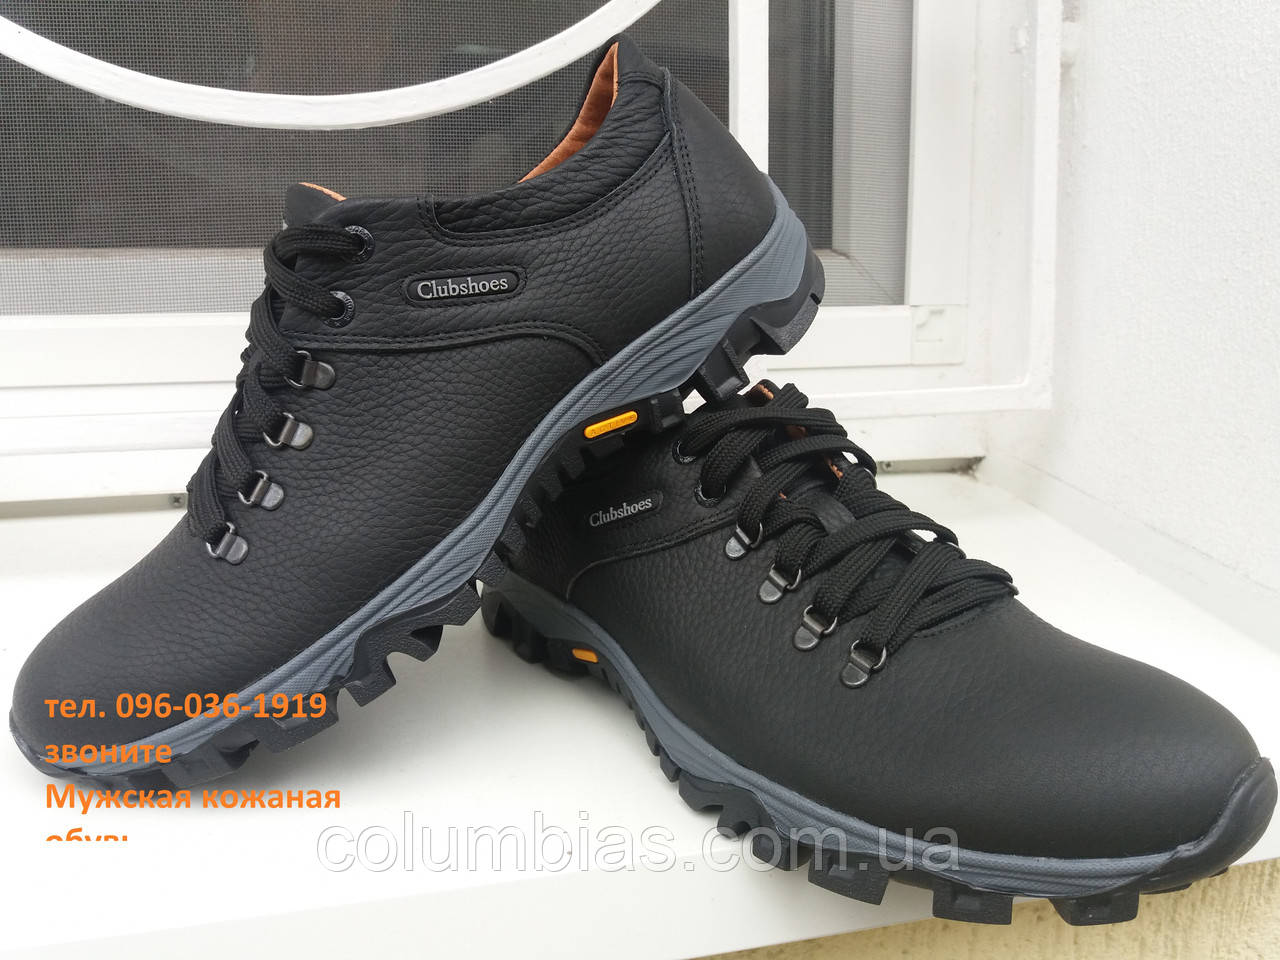 82f965095 Демисезонная мужская обувь Colambia - Весь ассортимент в наличии, звоните в  любое время т.